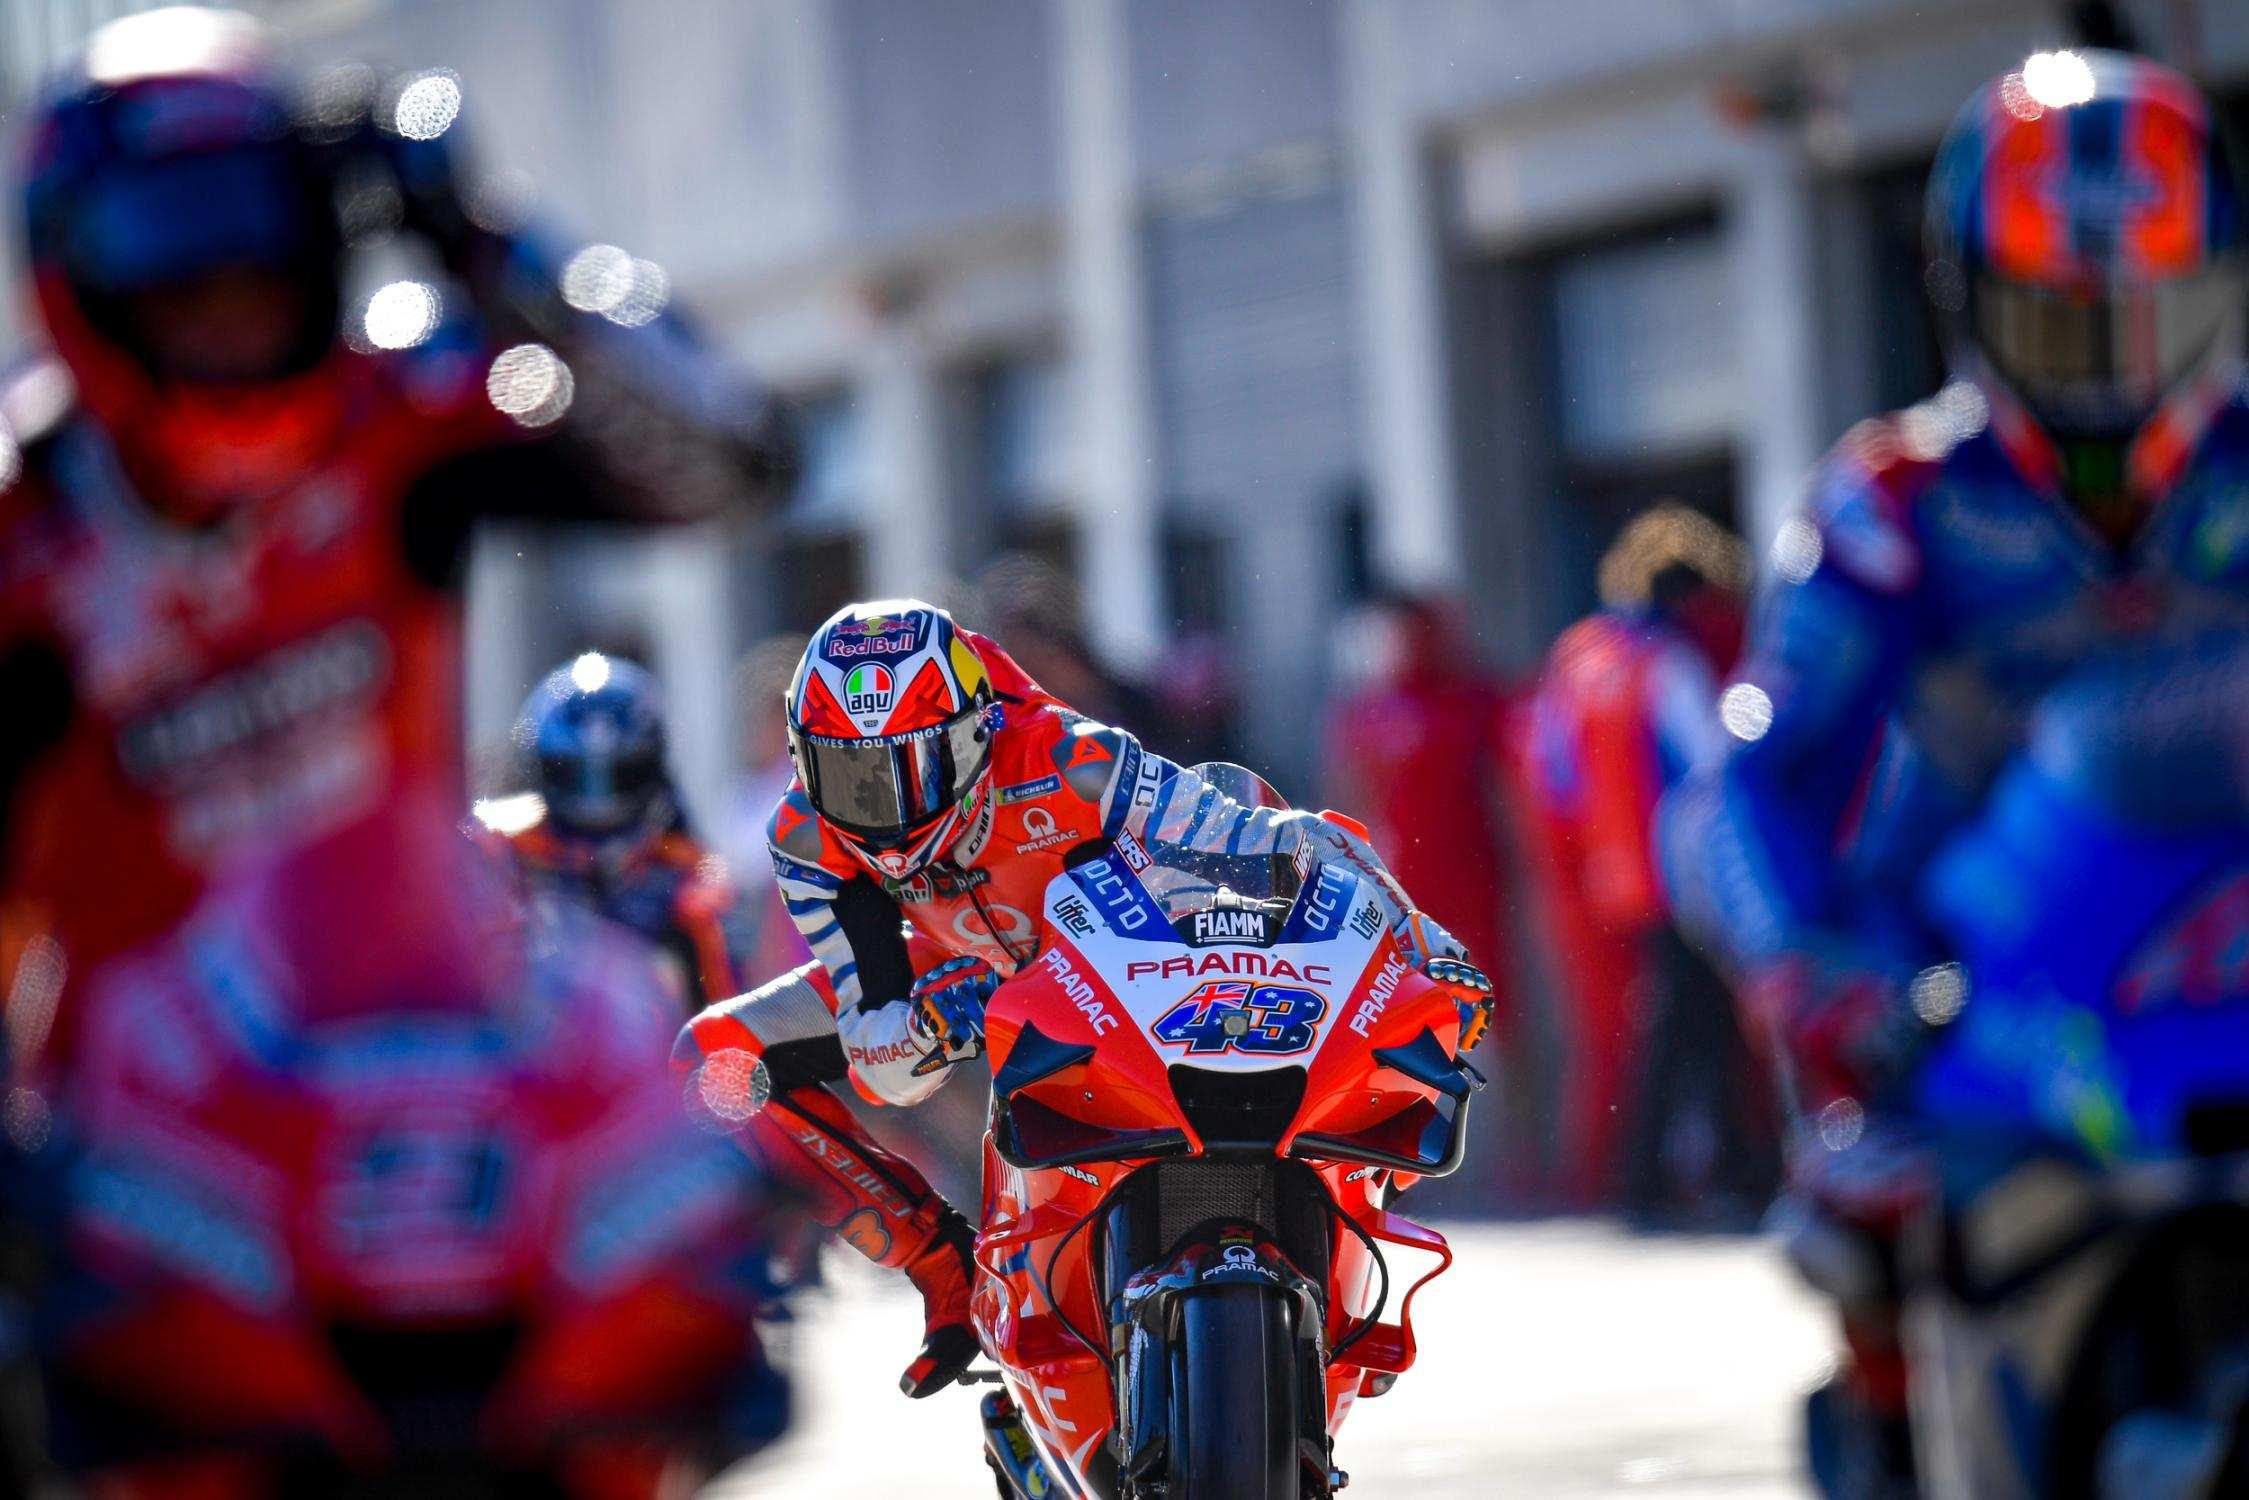 Ducati in MotoGP sino al 2026: c'è l'accordo con Dorna